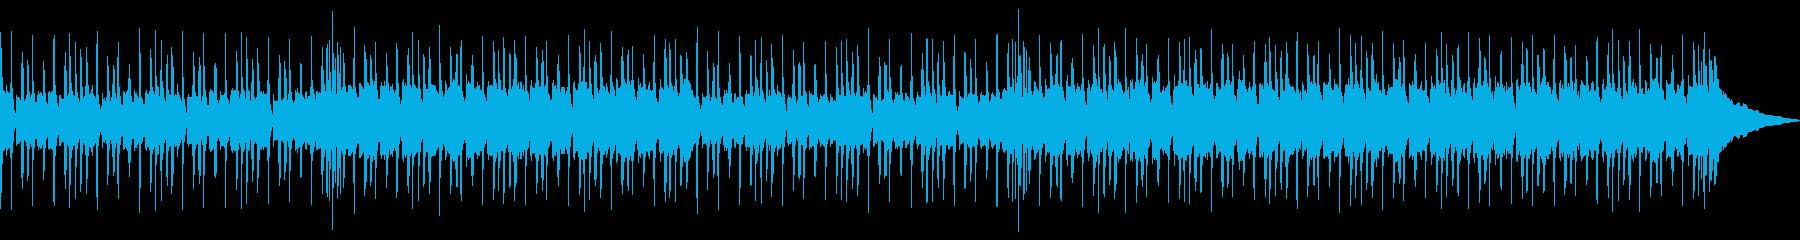 イギリス・オープニングインディーロックの再生済みの波形